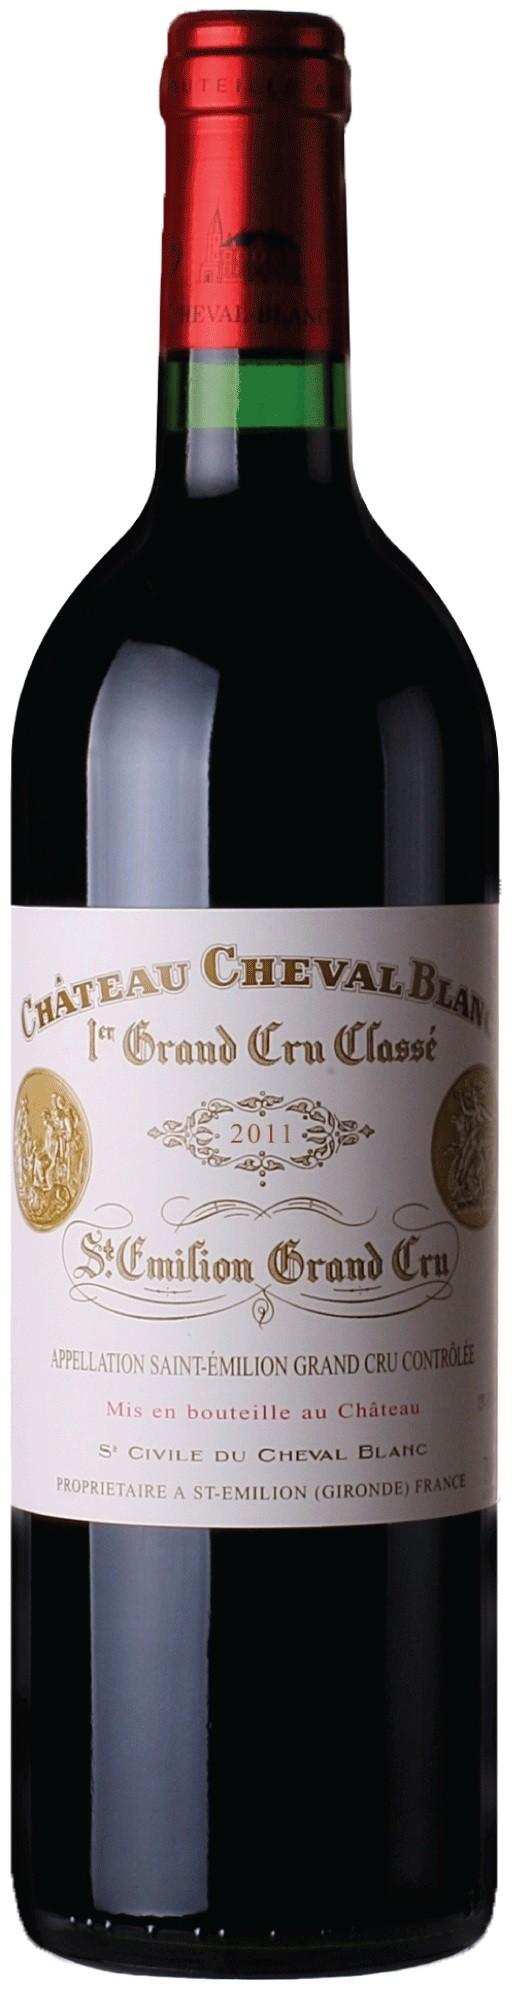 Chateau Cheval Blanc 2011, Saint Emilion